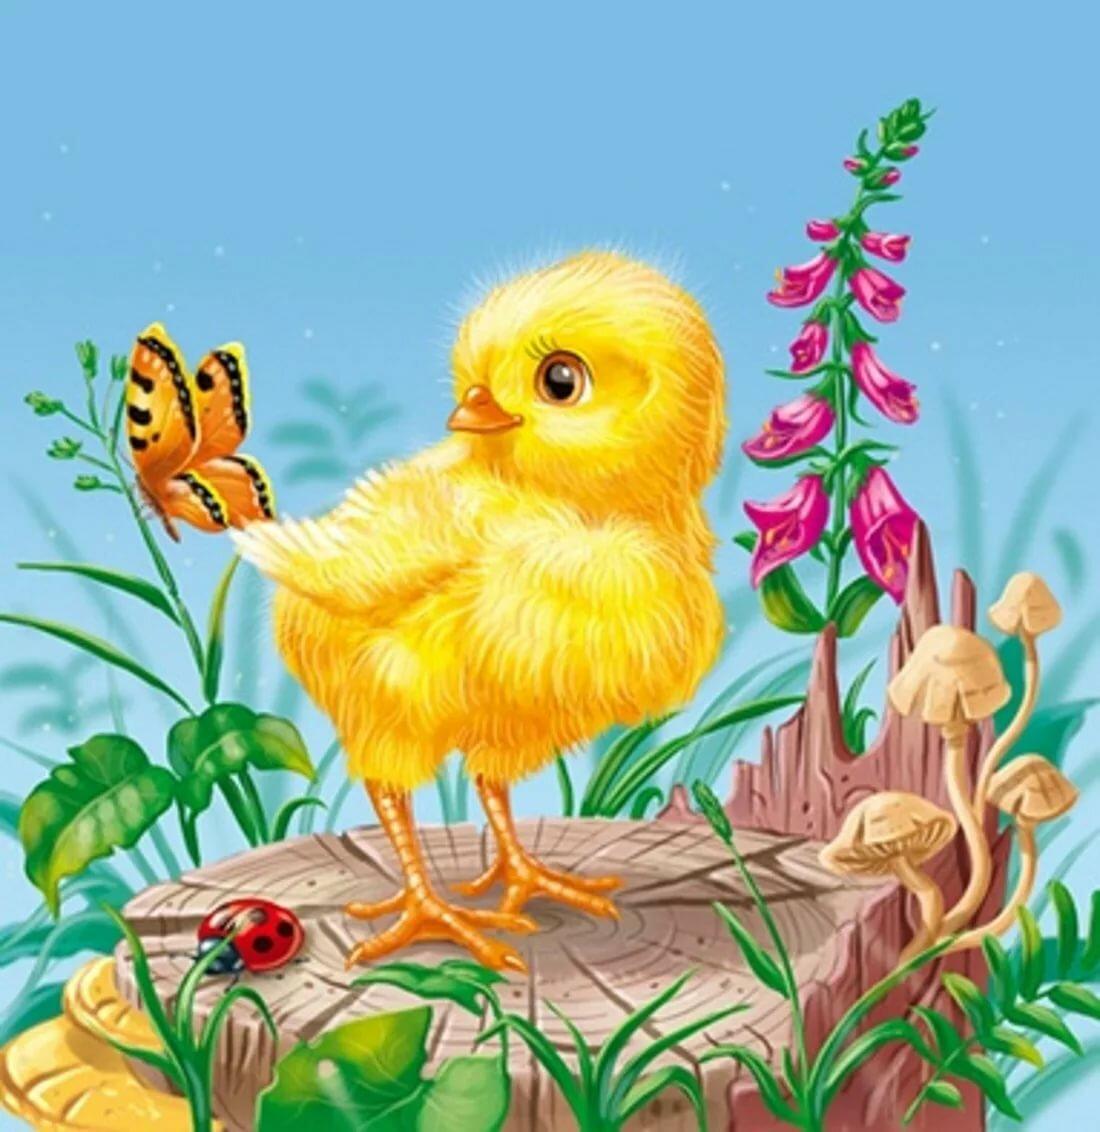 картинки с цыплятами для малышей